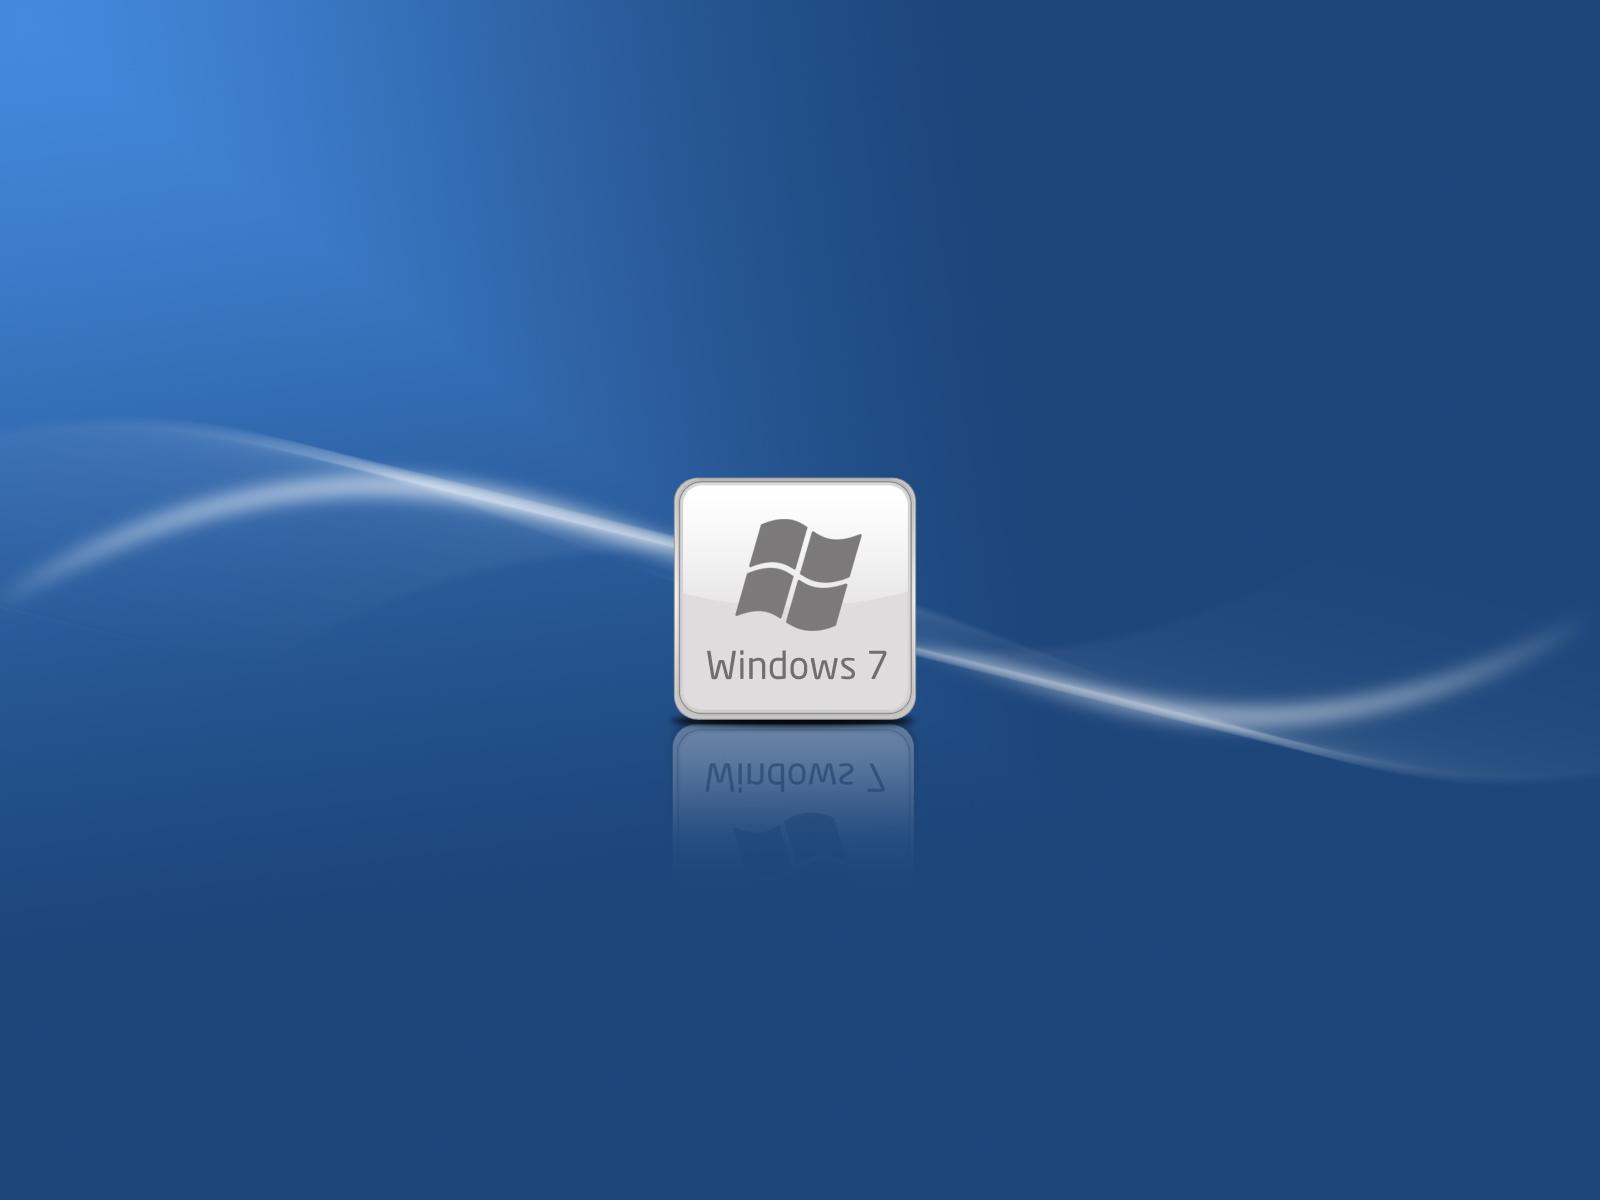 http://4.bp.blogspot.com/_Kpi0thIqeJI/TSmJz70Wk5I/AAAAAAAABrY/bX-c6QFzMs8/s1600/Windows%2B7%2B%2525287%252529.jpg